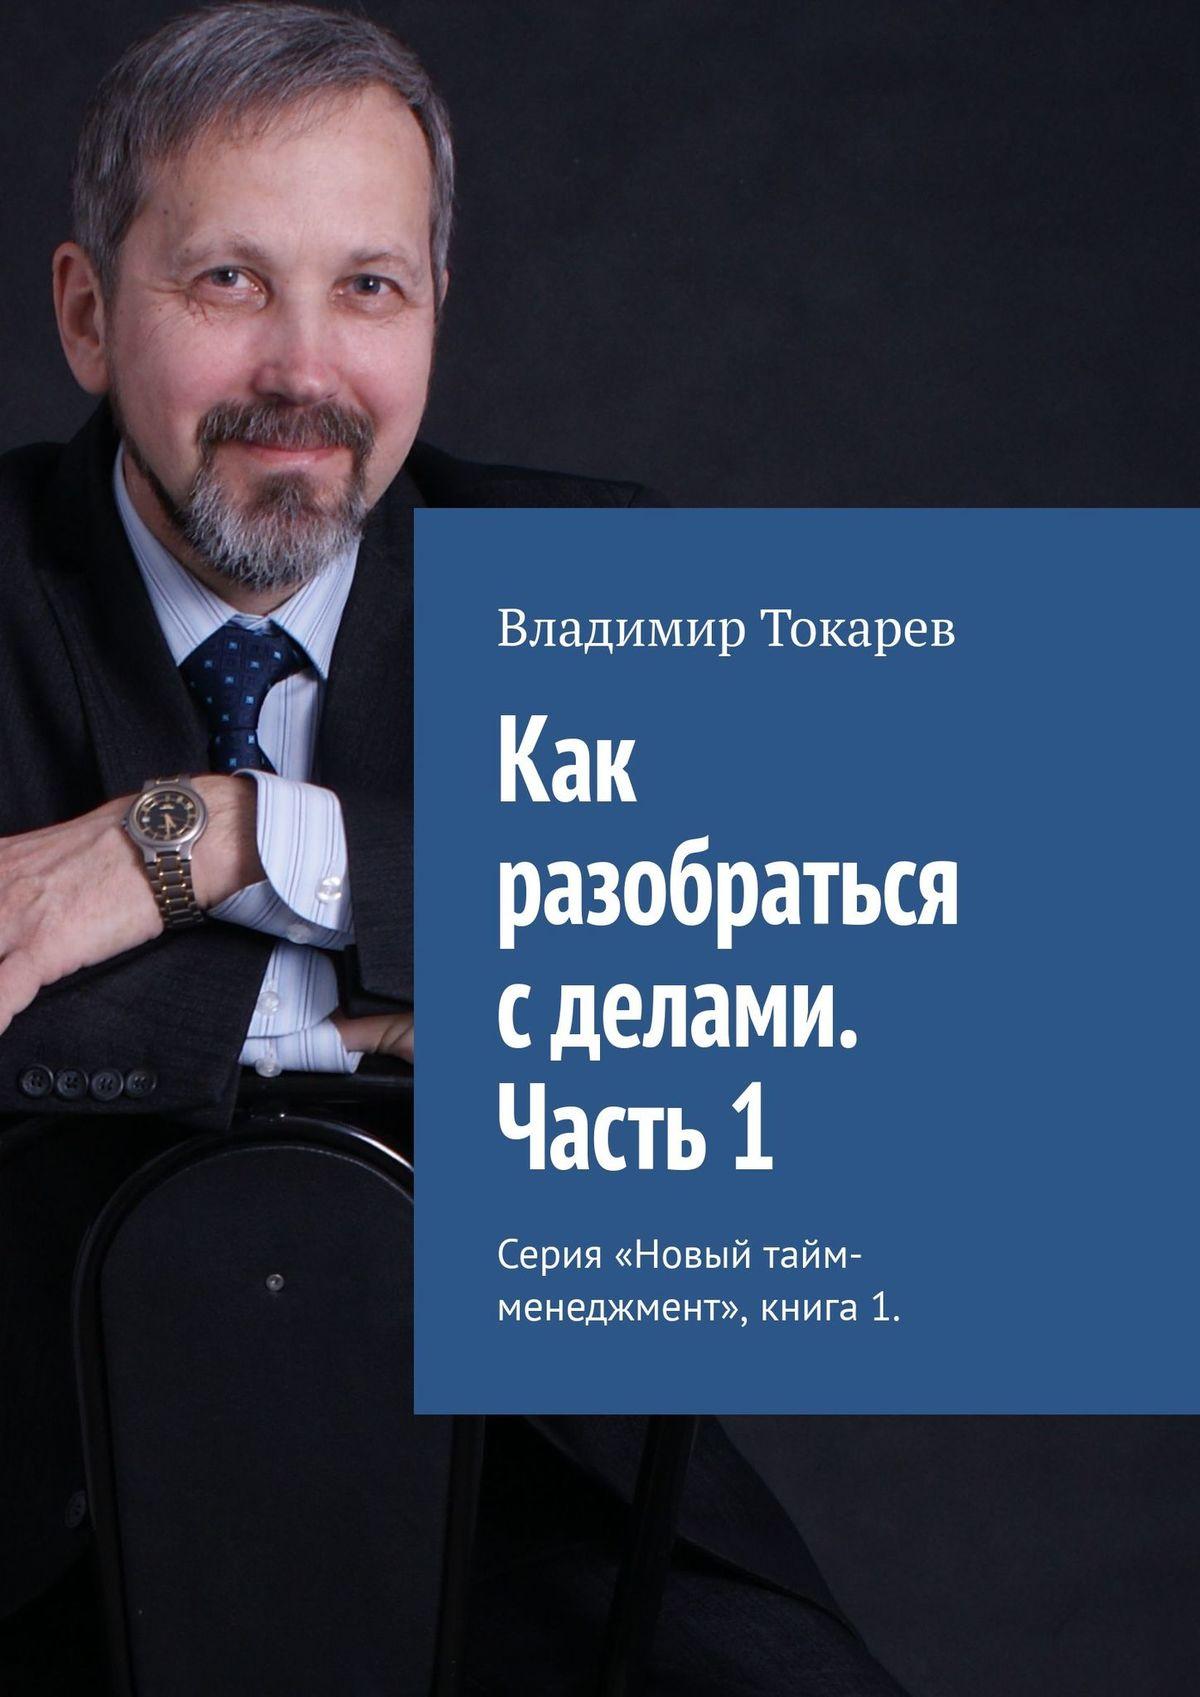 Владимир Токарев Новый тайм-менеджмент – №1 (3). Специальный выпуск журнала: приложение к видеопрактикуму